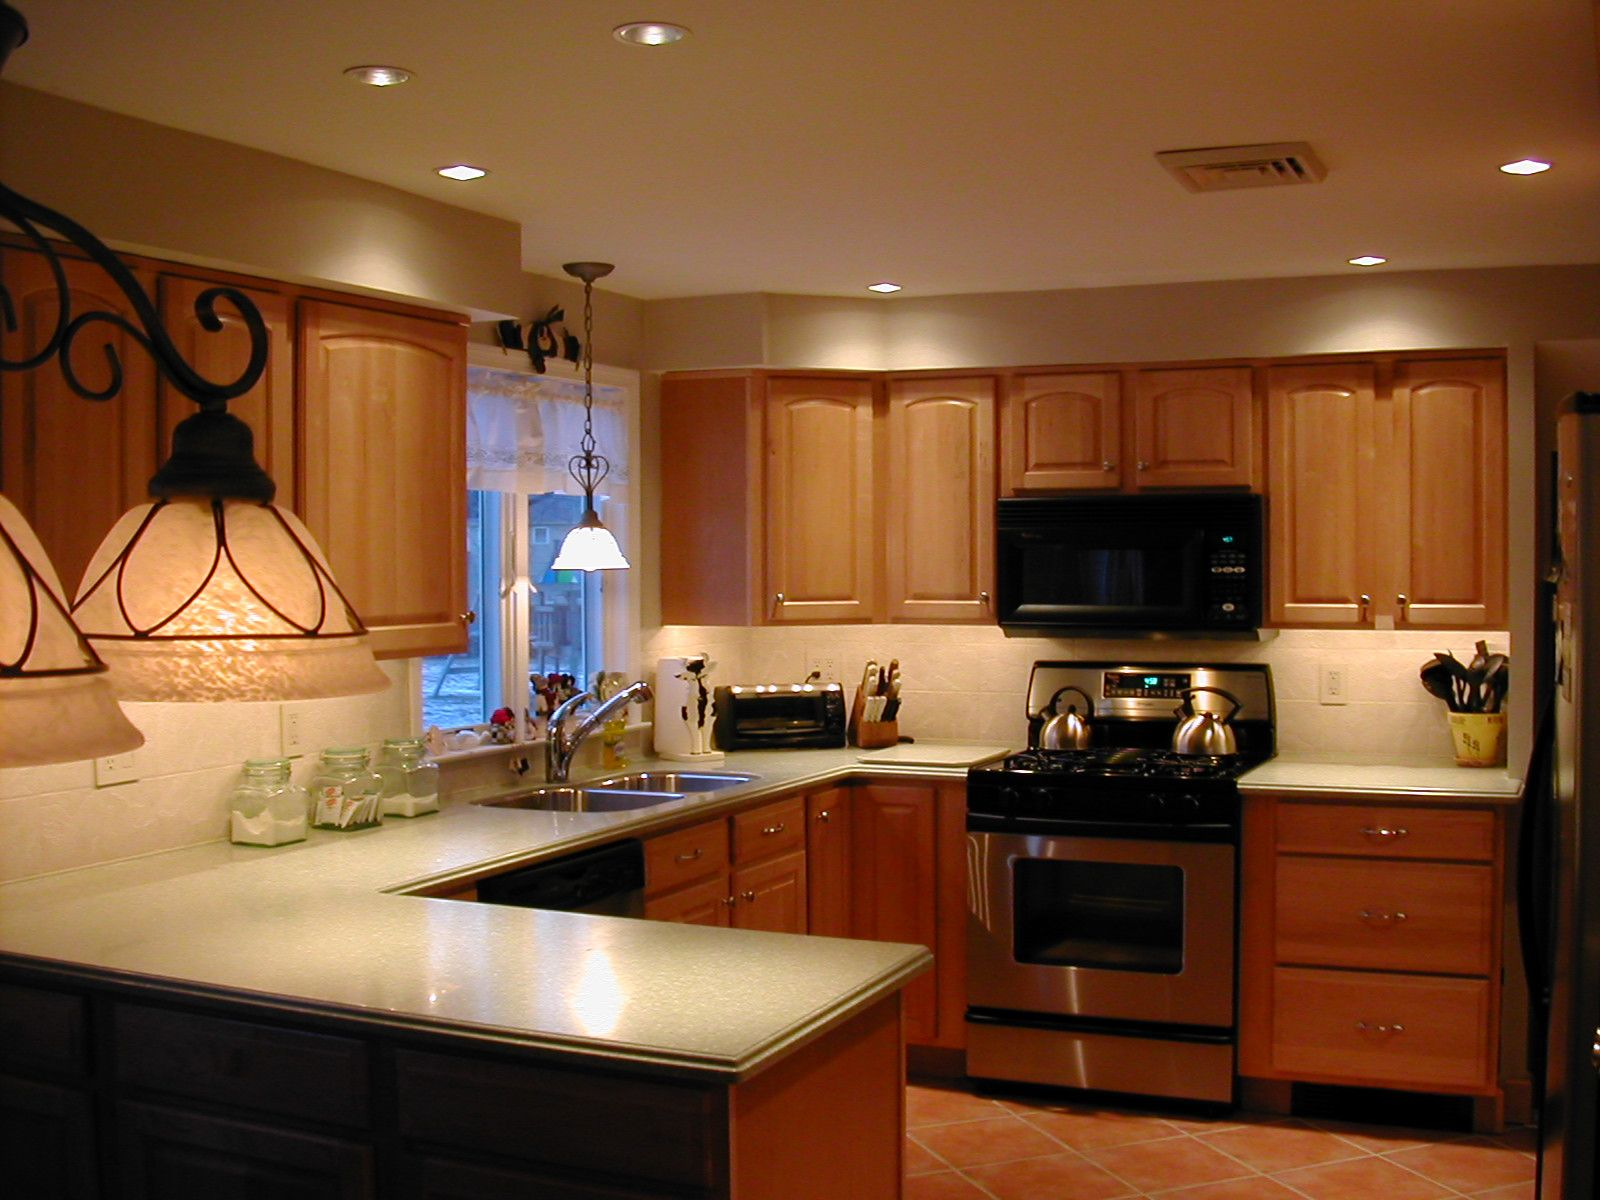 best kitchen lighting design ideas for your chic kitchen